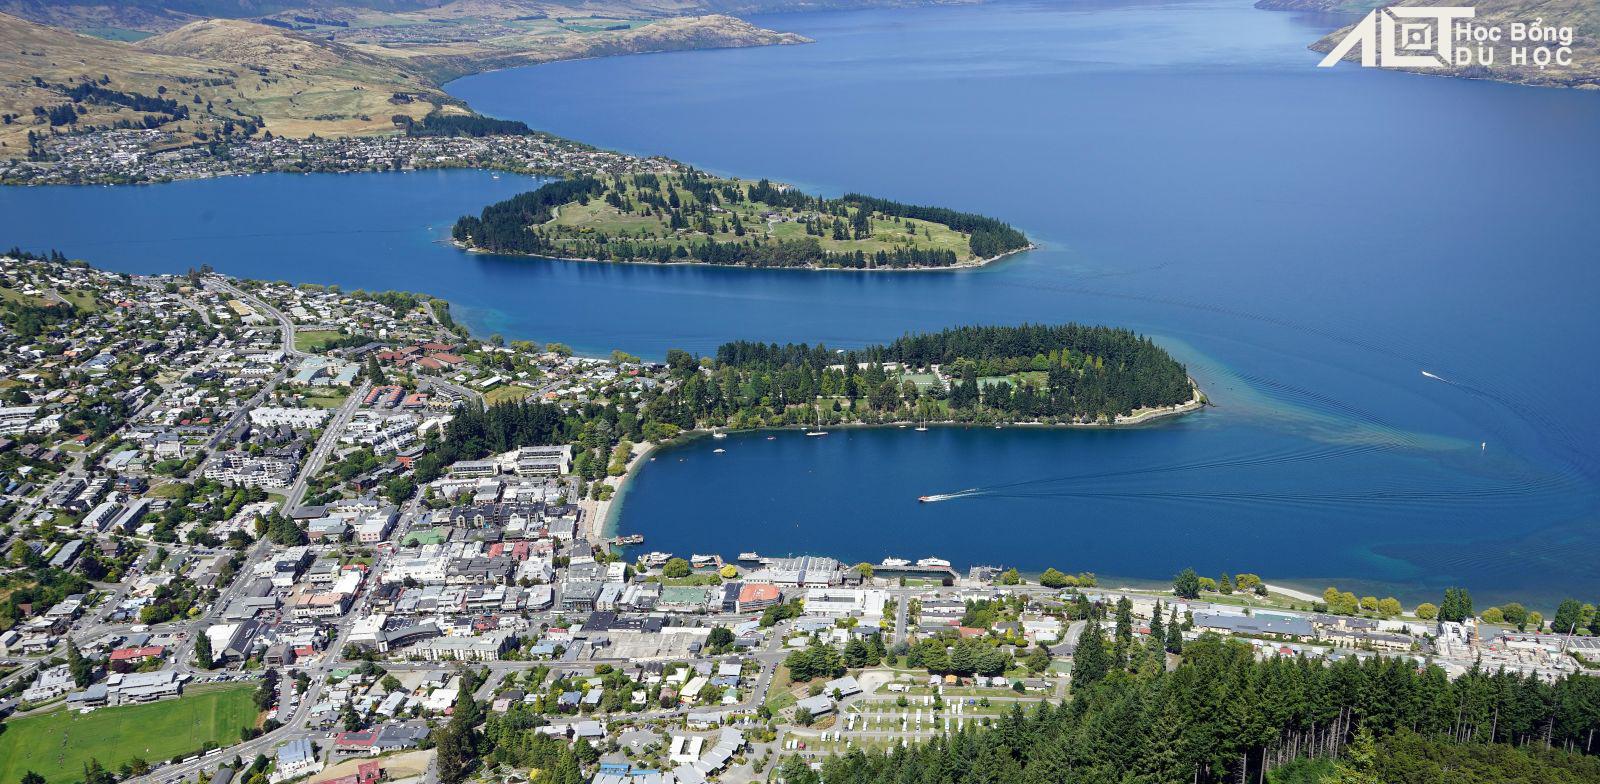 Định cư nước ngoài tại New Zealand